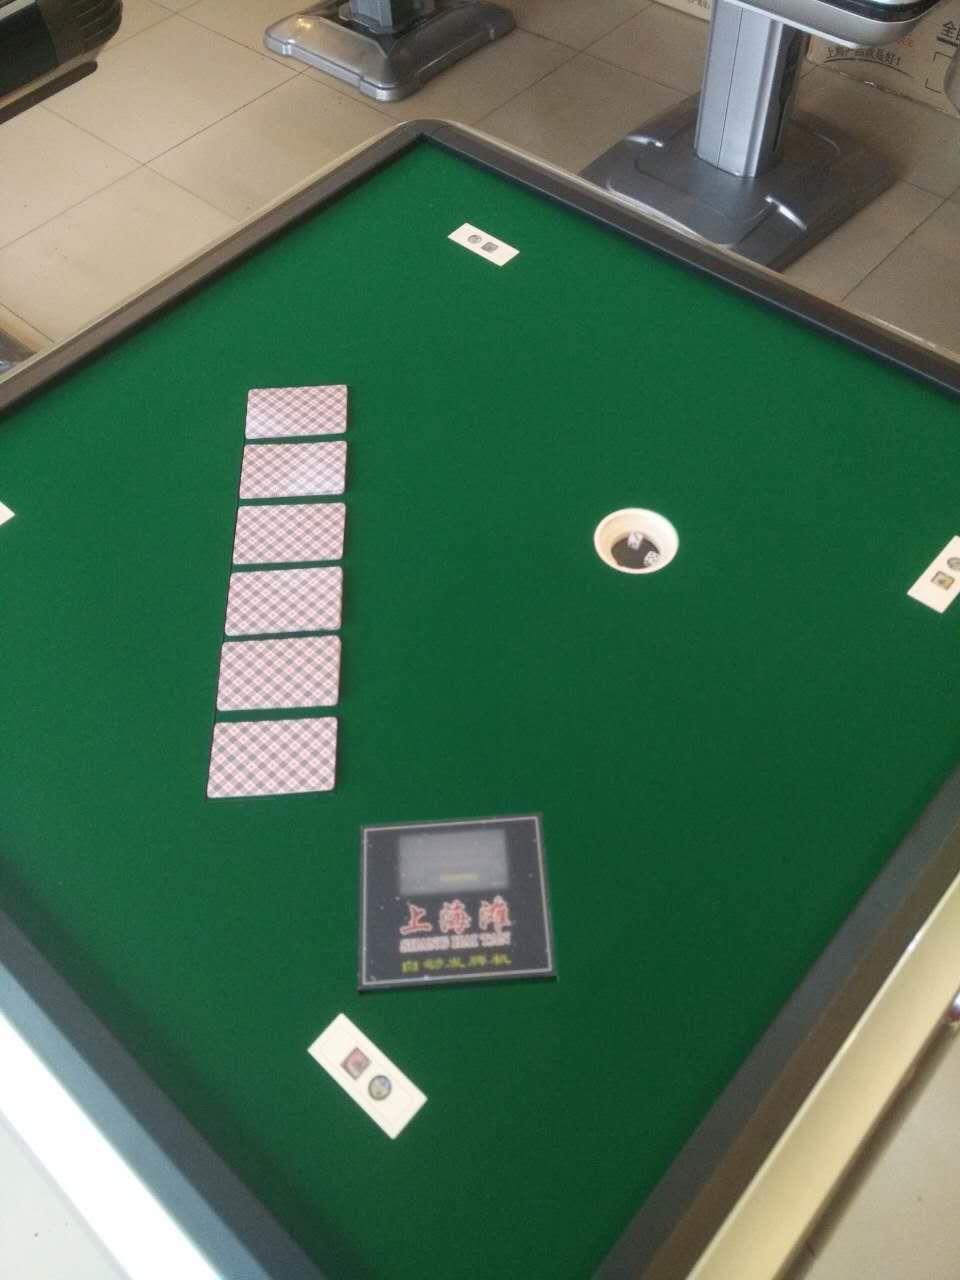 六仓扑克机_安徽自动麻将机价格